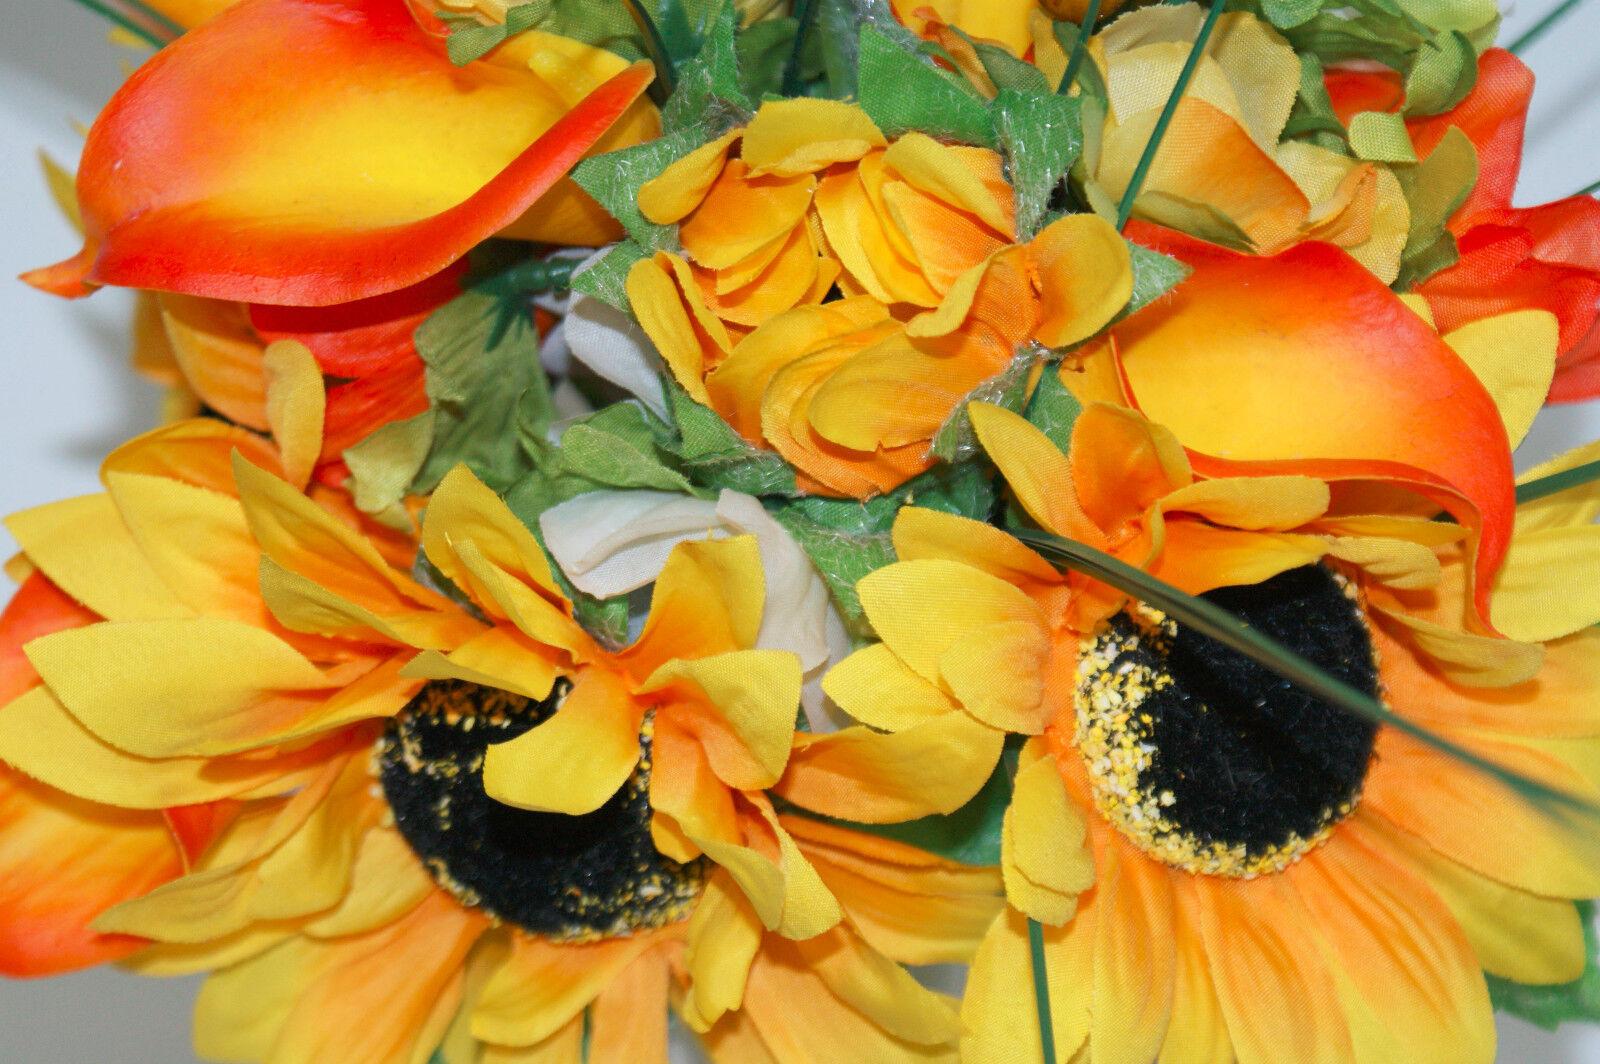 GRANDE BROCCA BROCCA BROCCA IN CERAMICA CON giallo girasoli, gigli e bacche c2ea7d